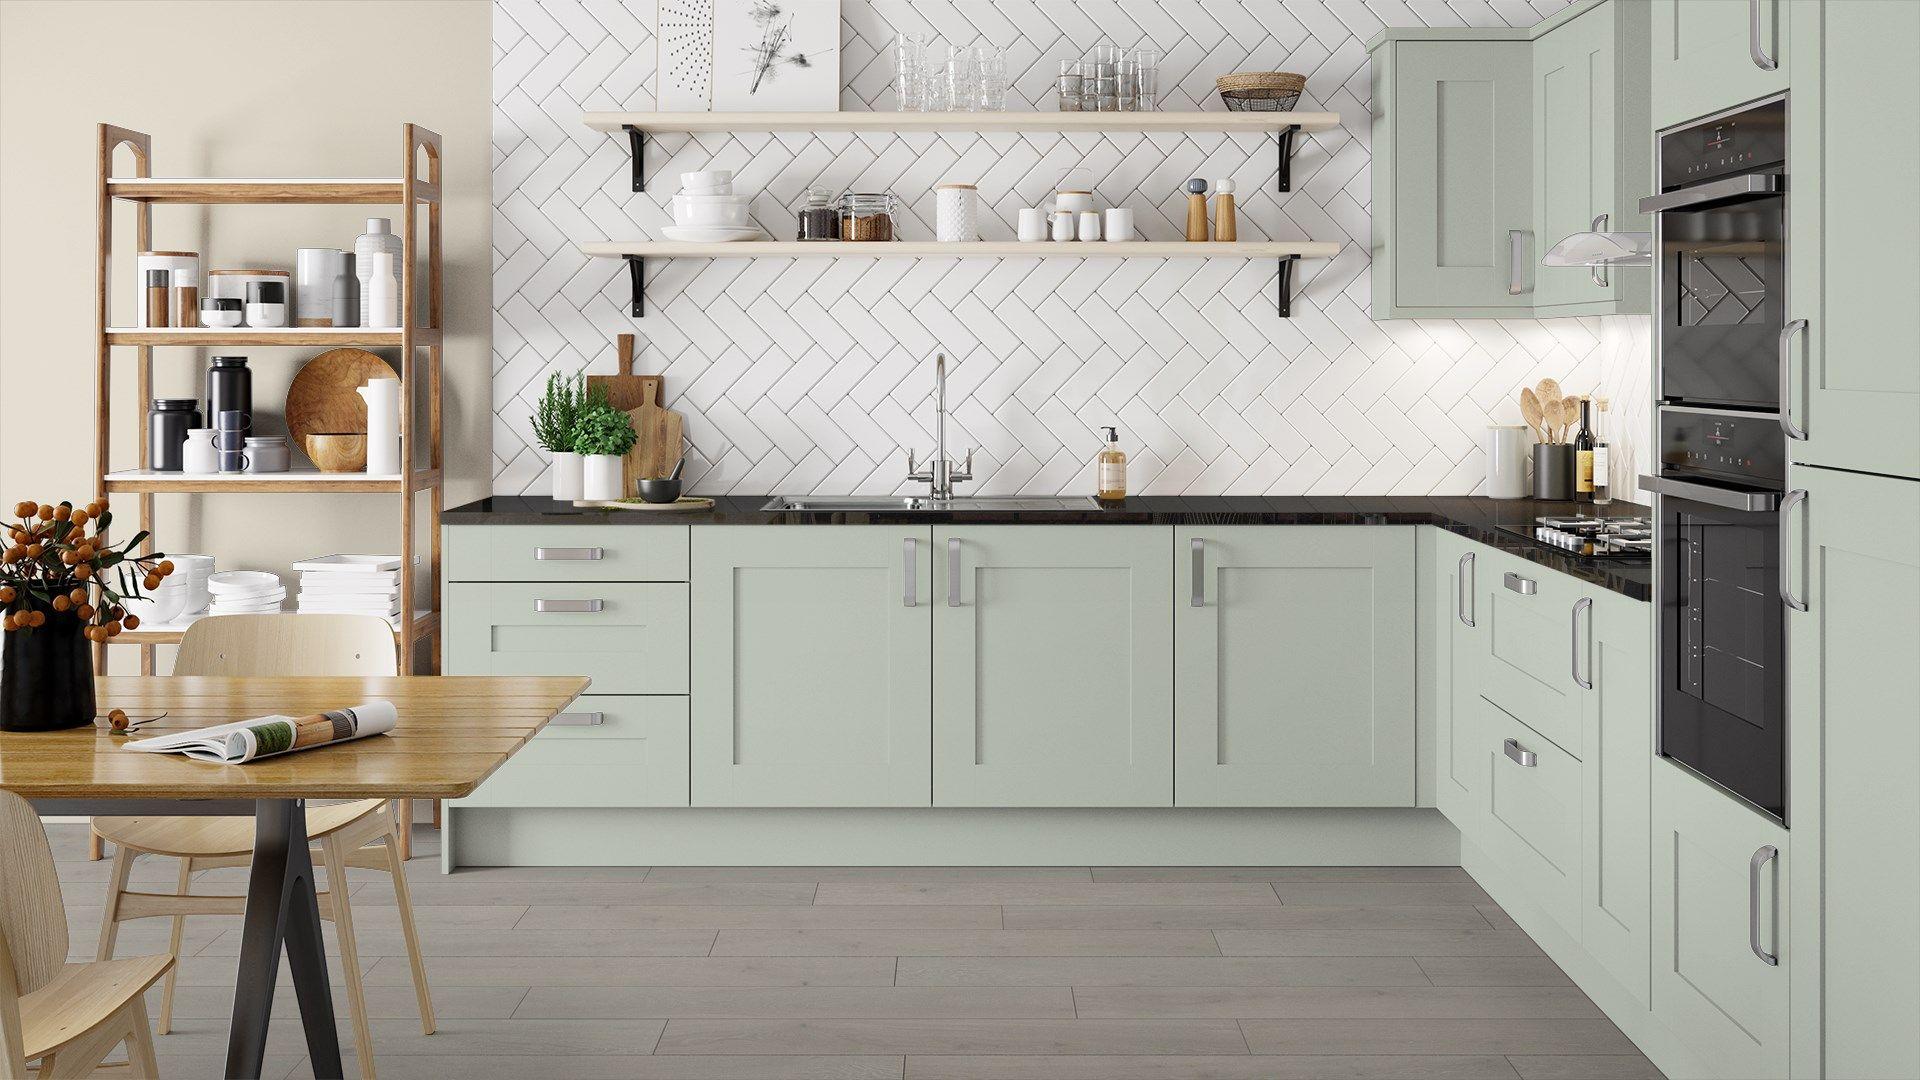 Homebase Kitchen Visualiser   Homebase kitchens, Kitchen ...